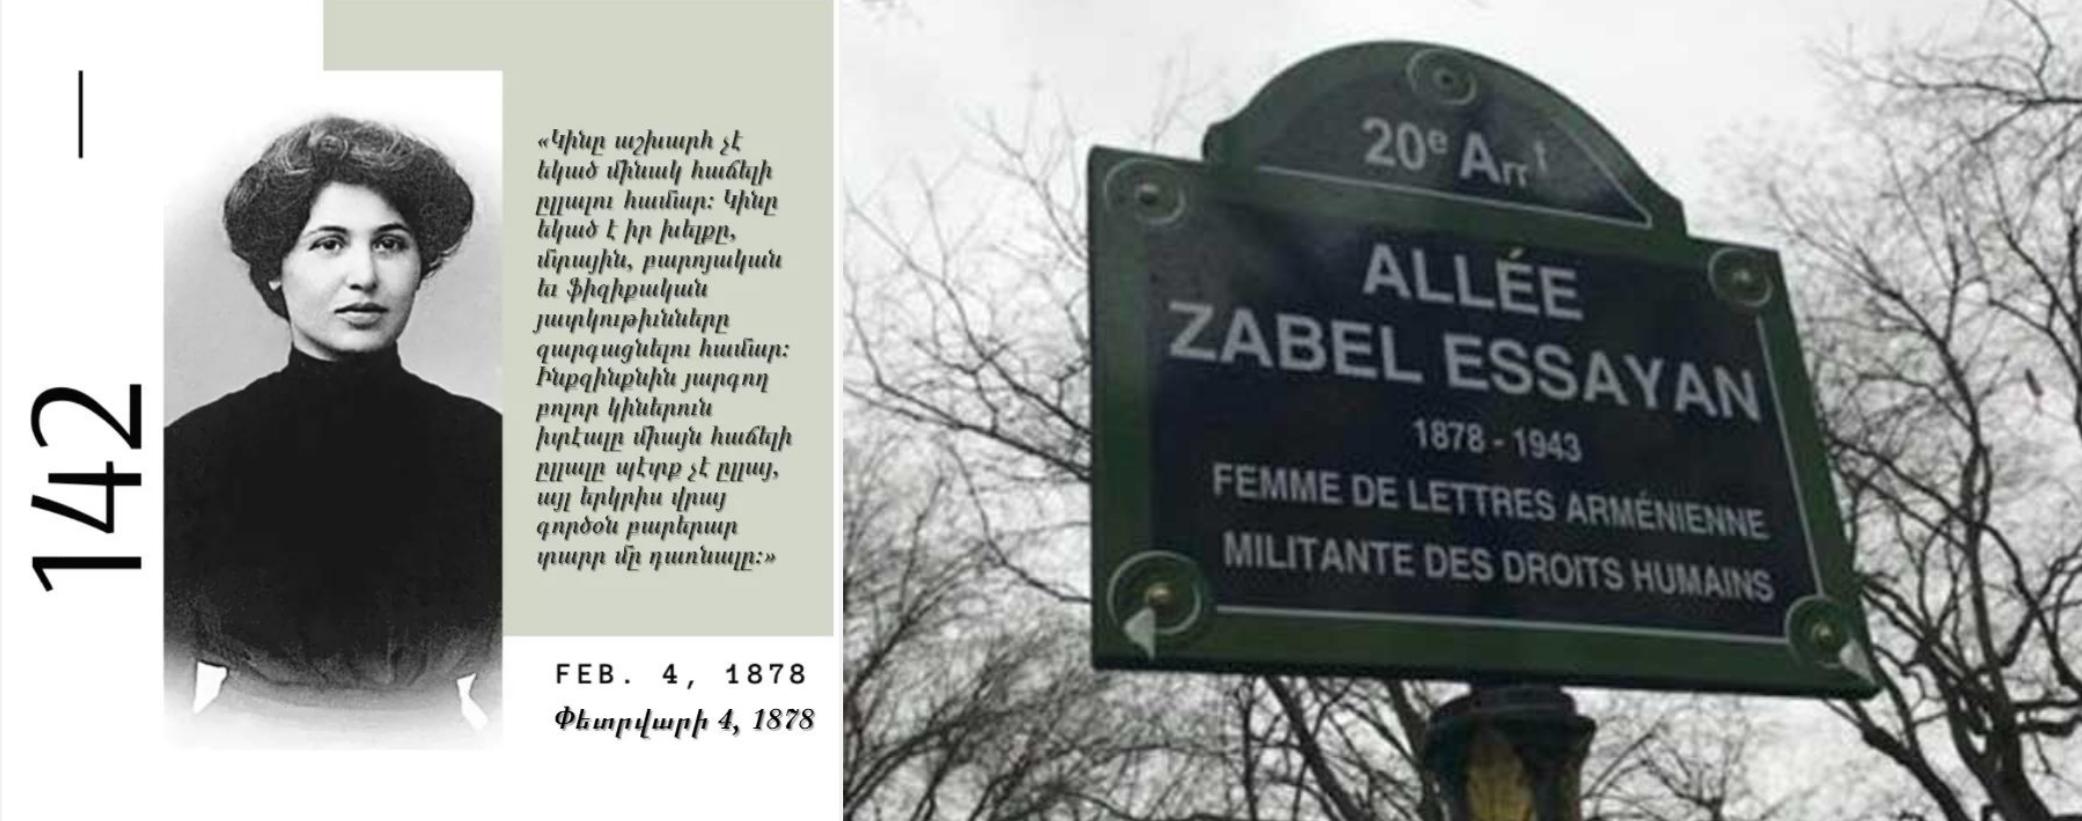 UN COURS DÉDIÉ À ZABEL ESSAYAN (in French)